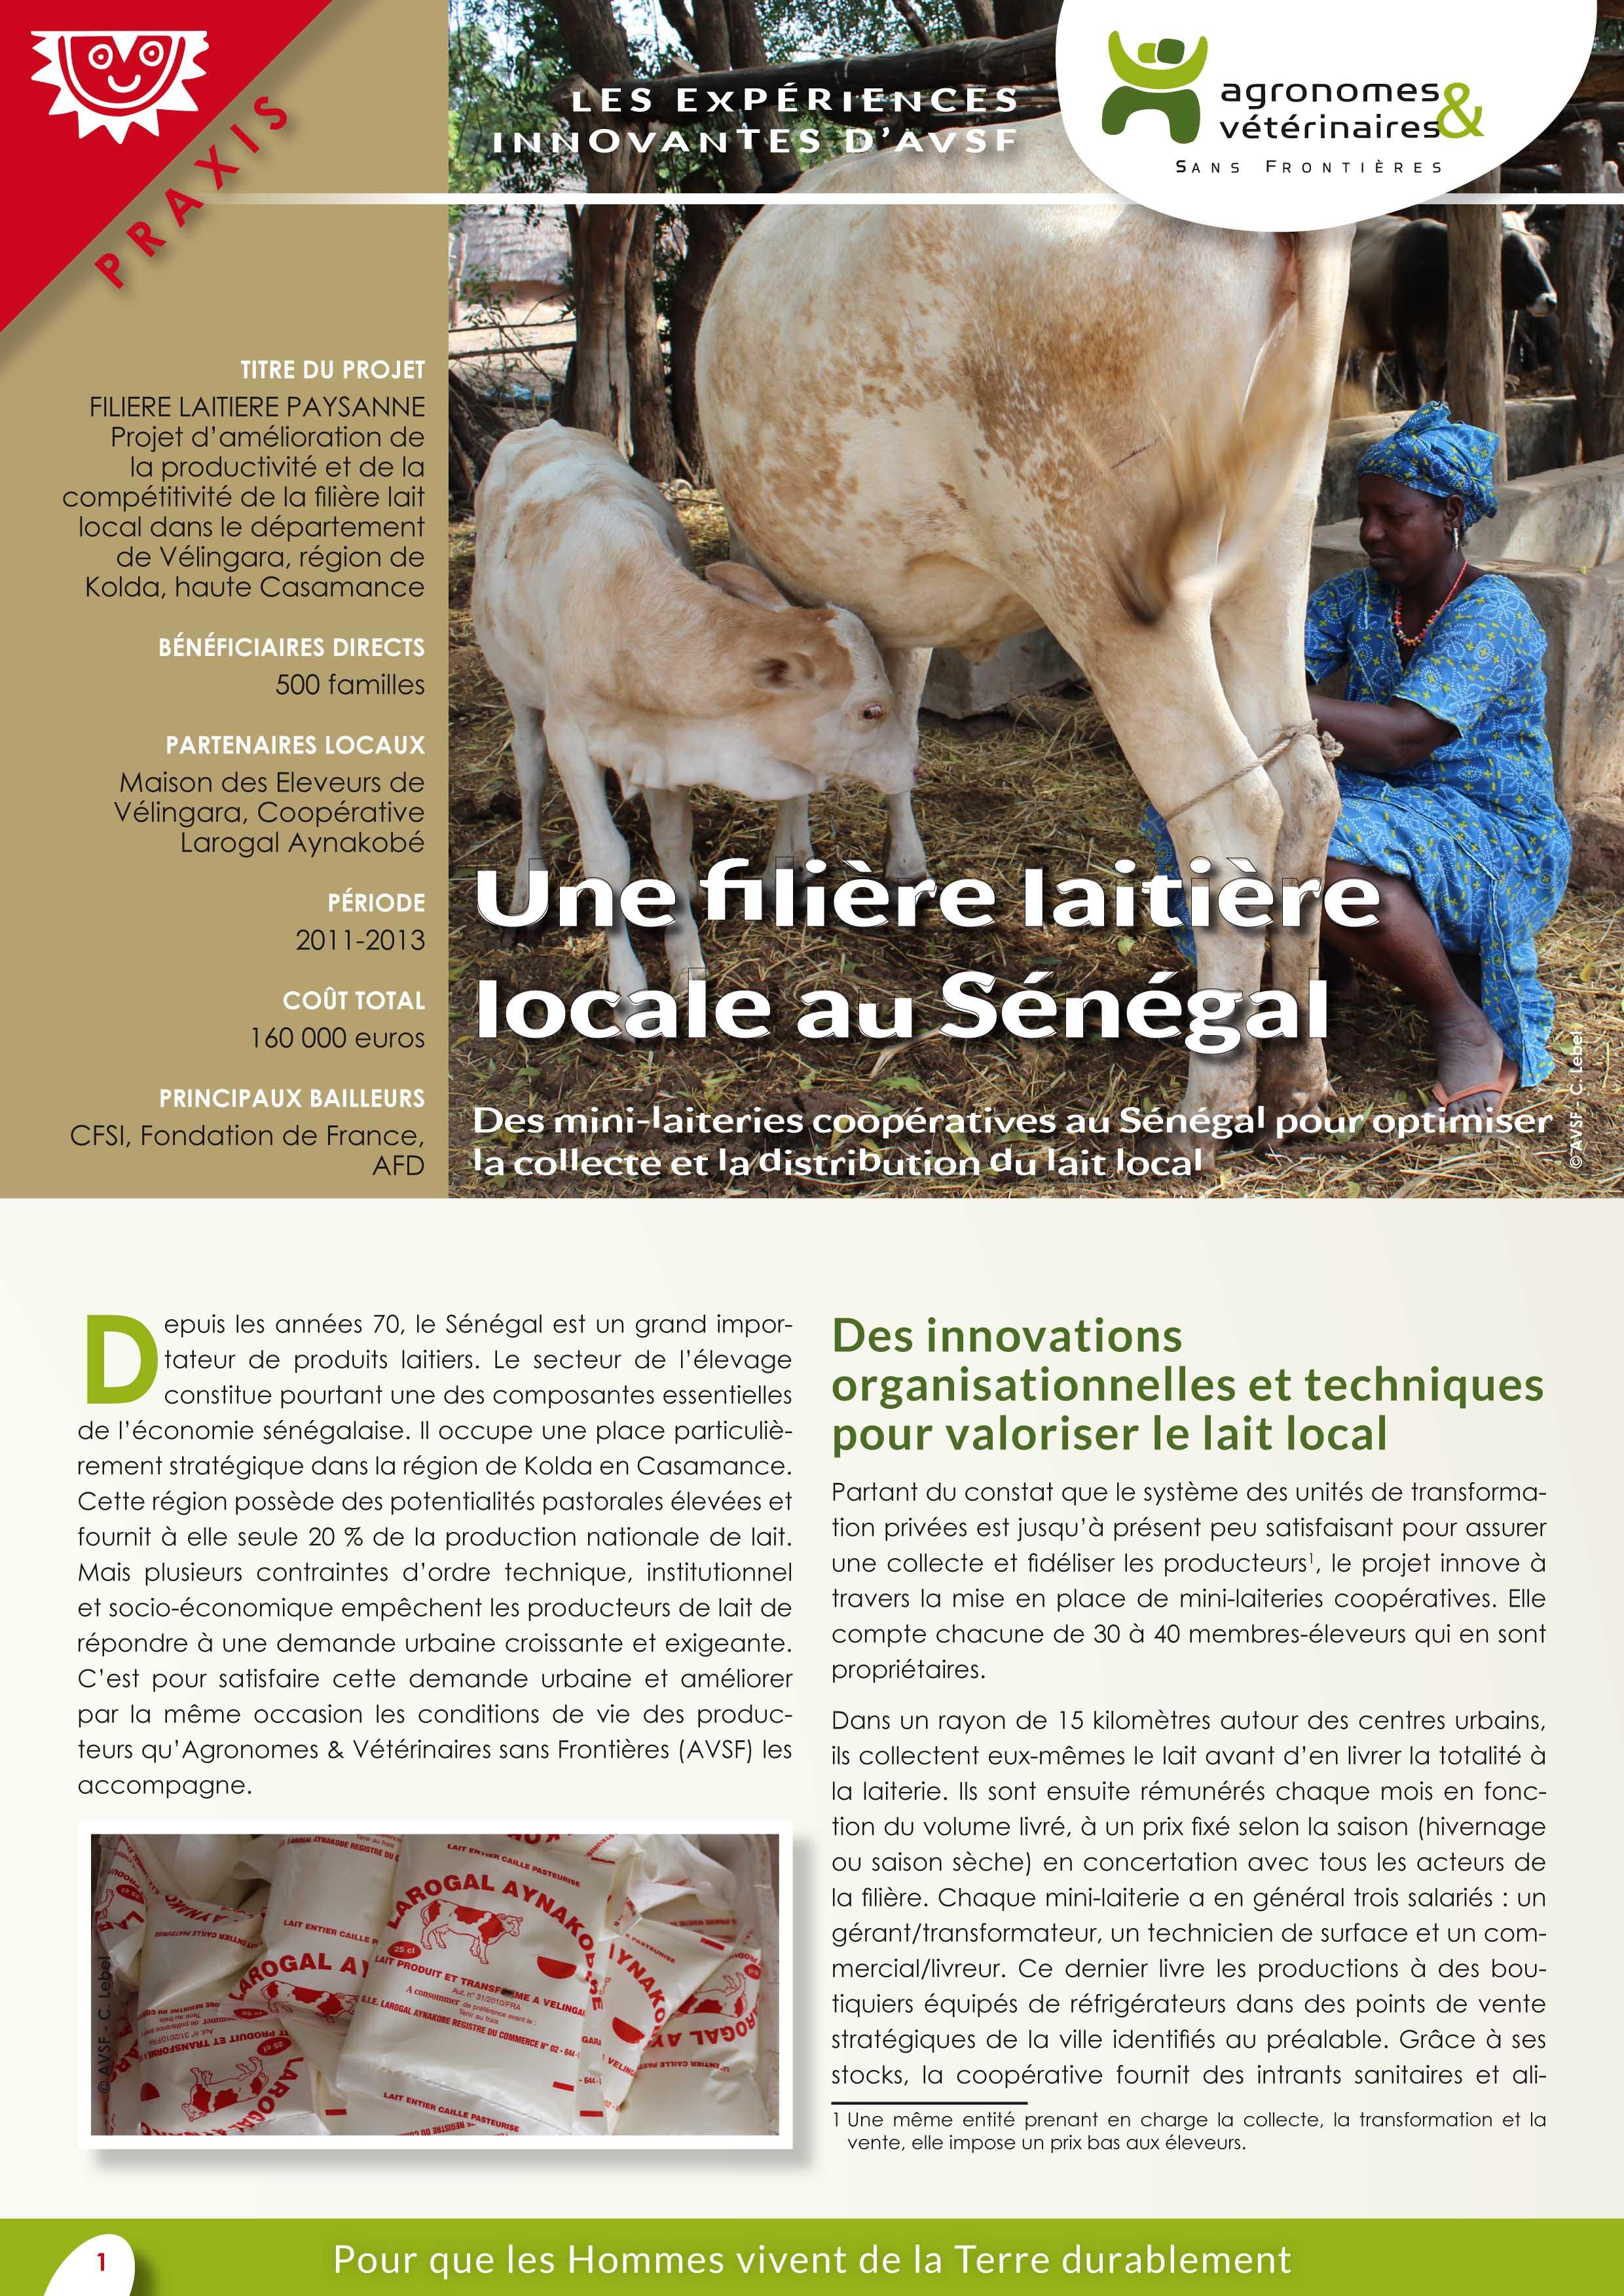 Lex expériences innovantes d'AVSF : Une filière laitière locale au Sénégal Image principale